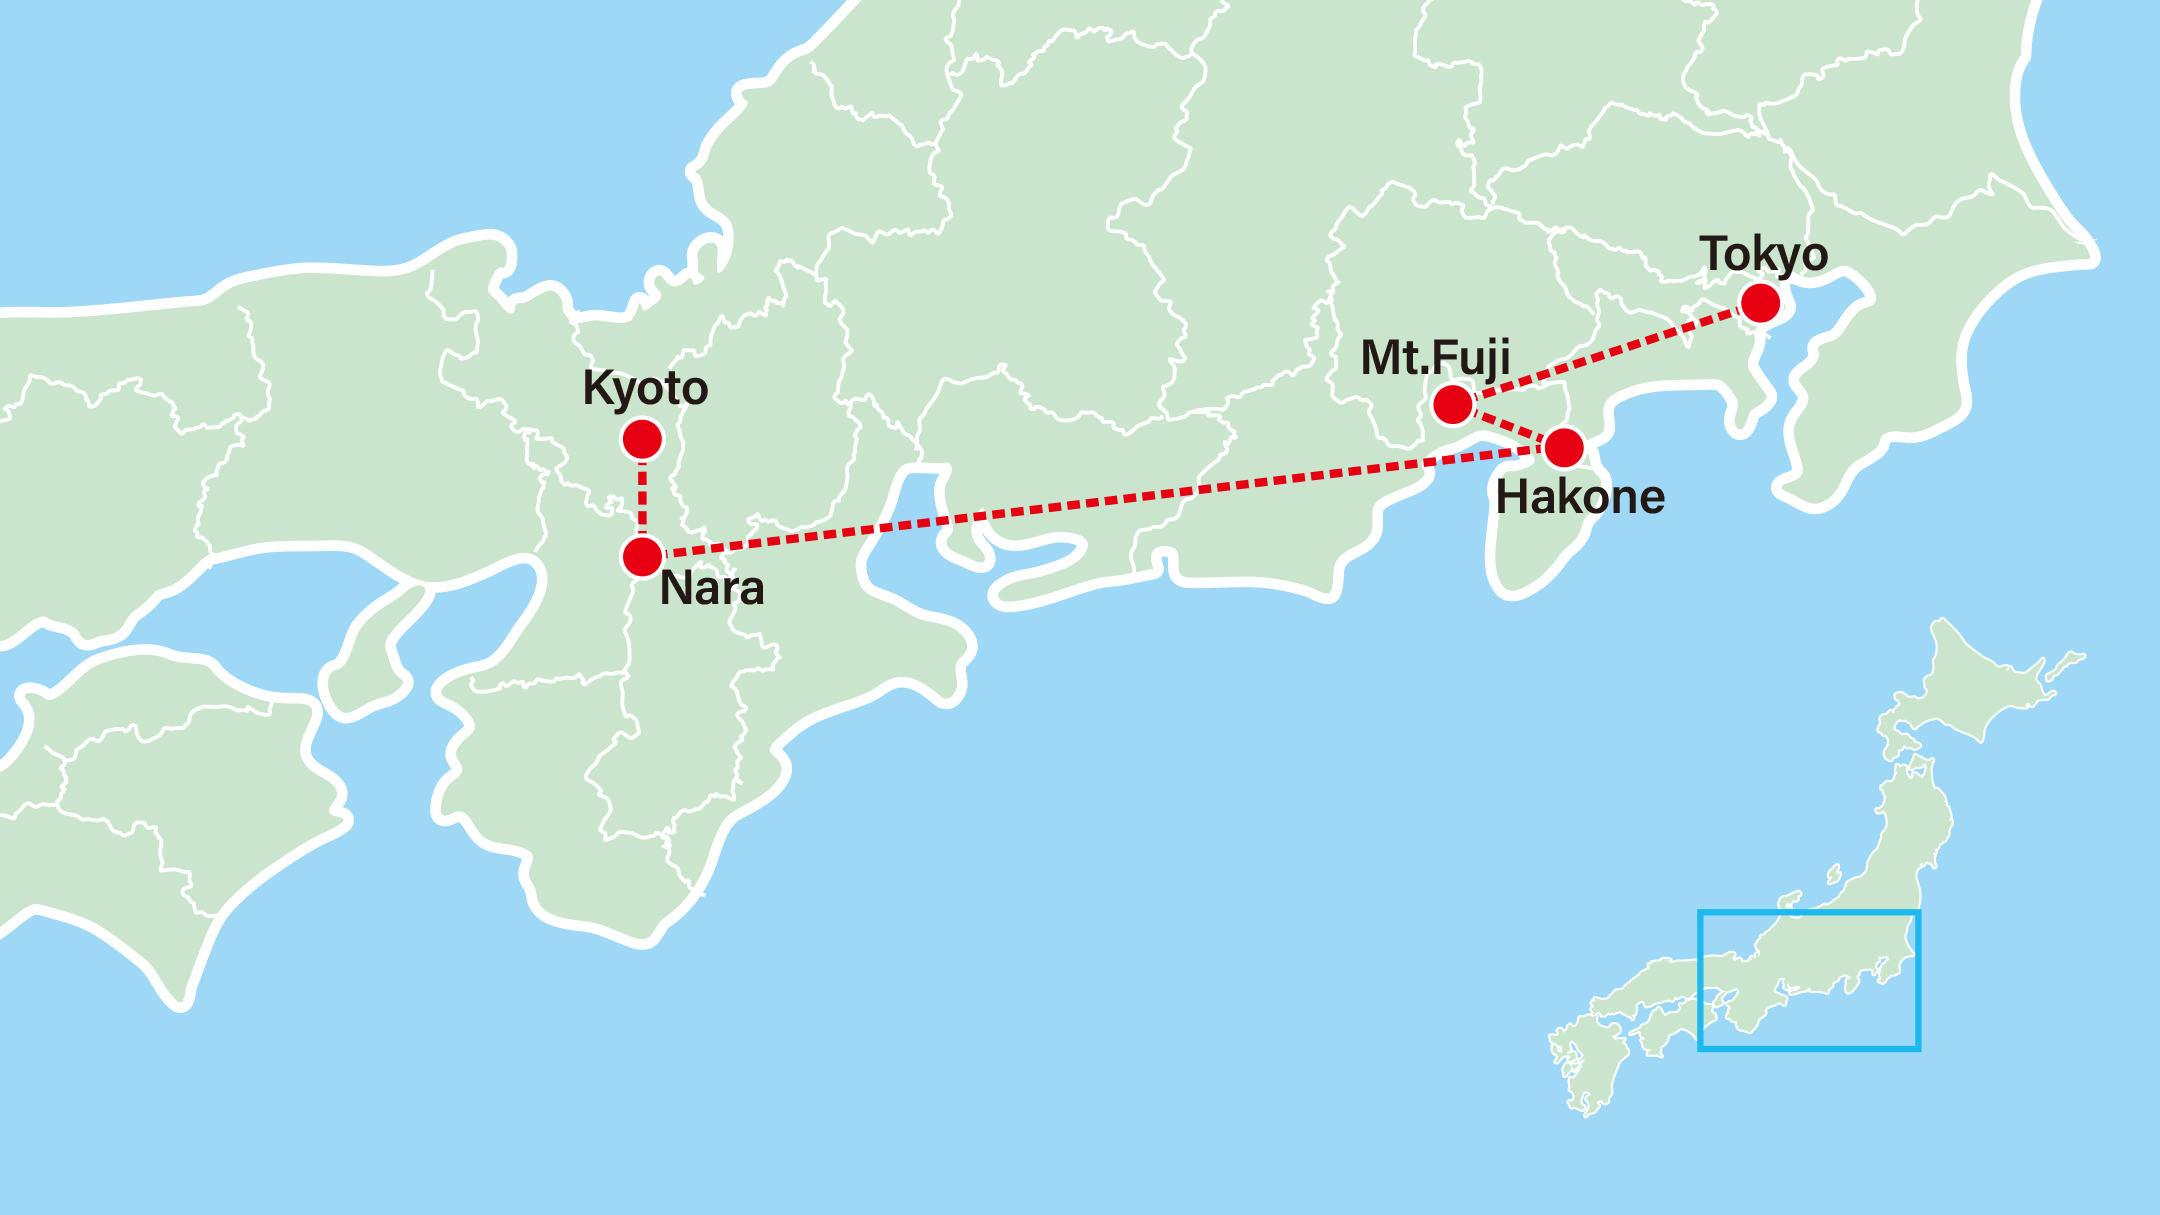 Kyoto Gion Festival with Anime-Tokyo-Akihabara-Mikata-Hakone-Kyoto-Nara-Gion Festival